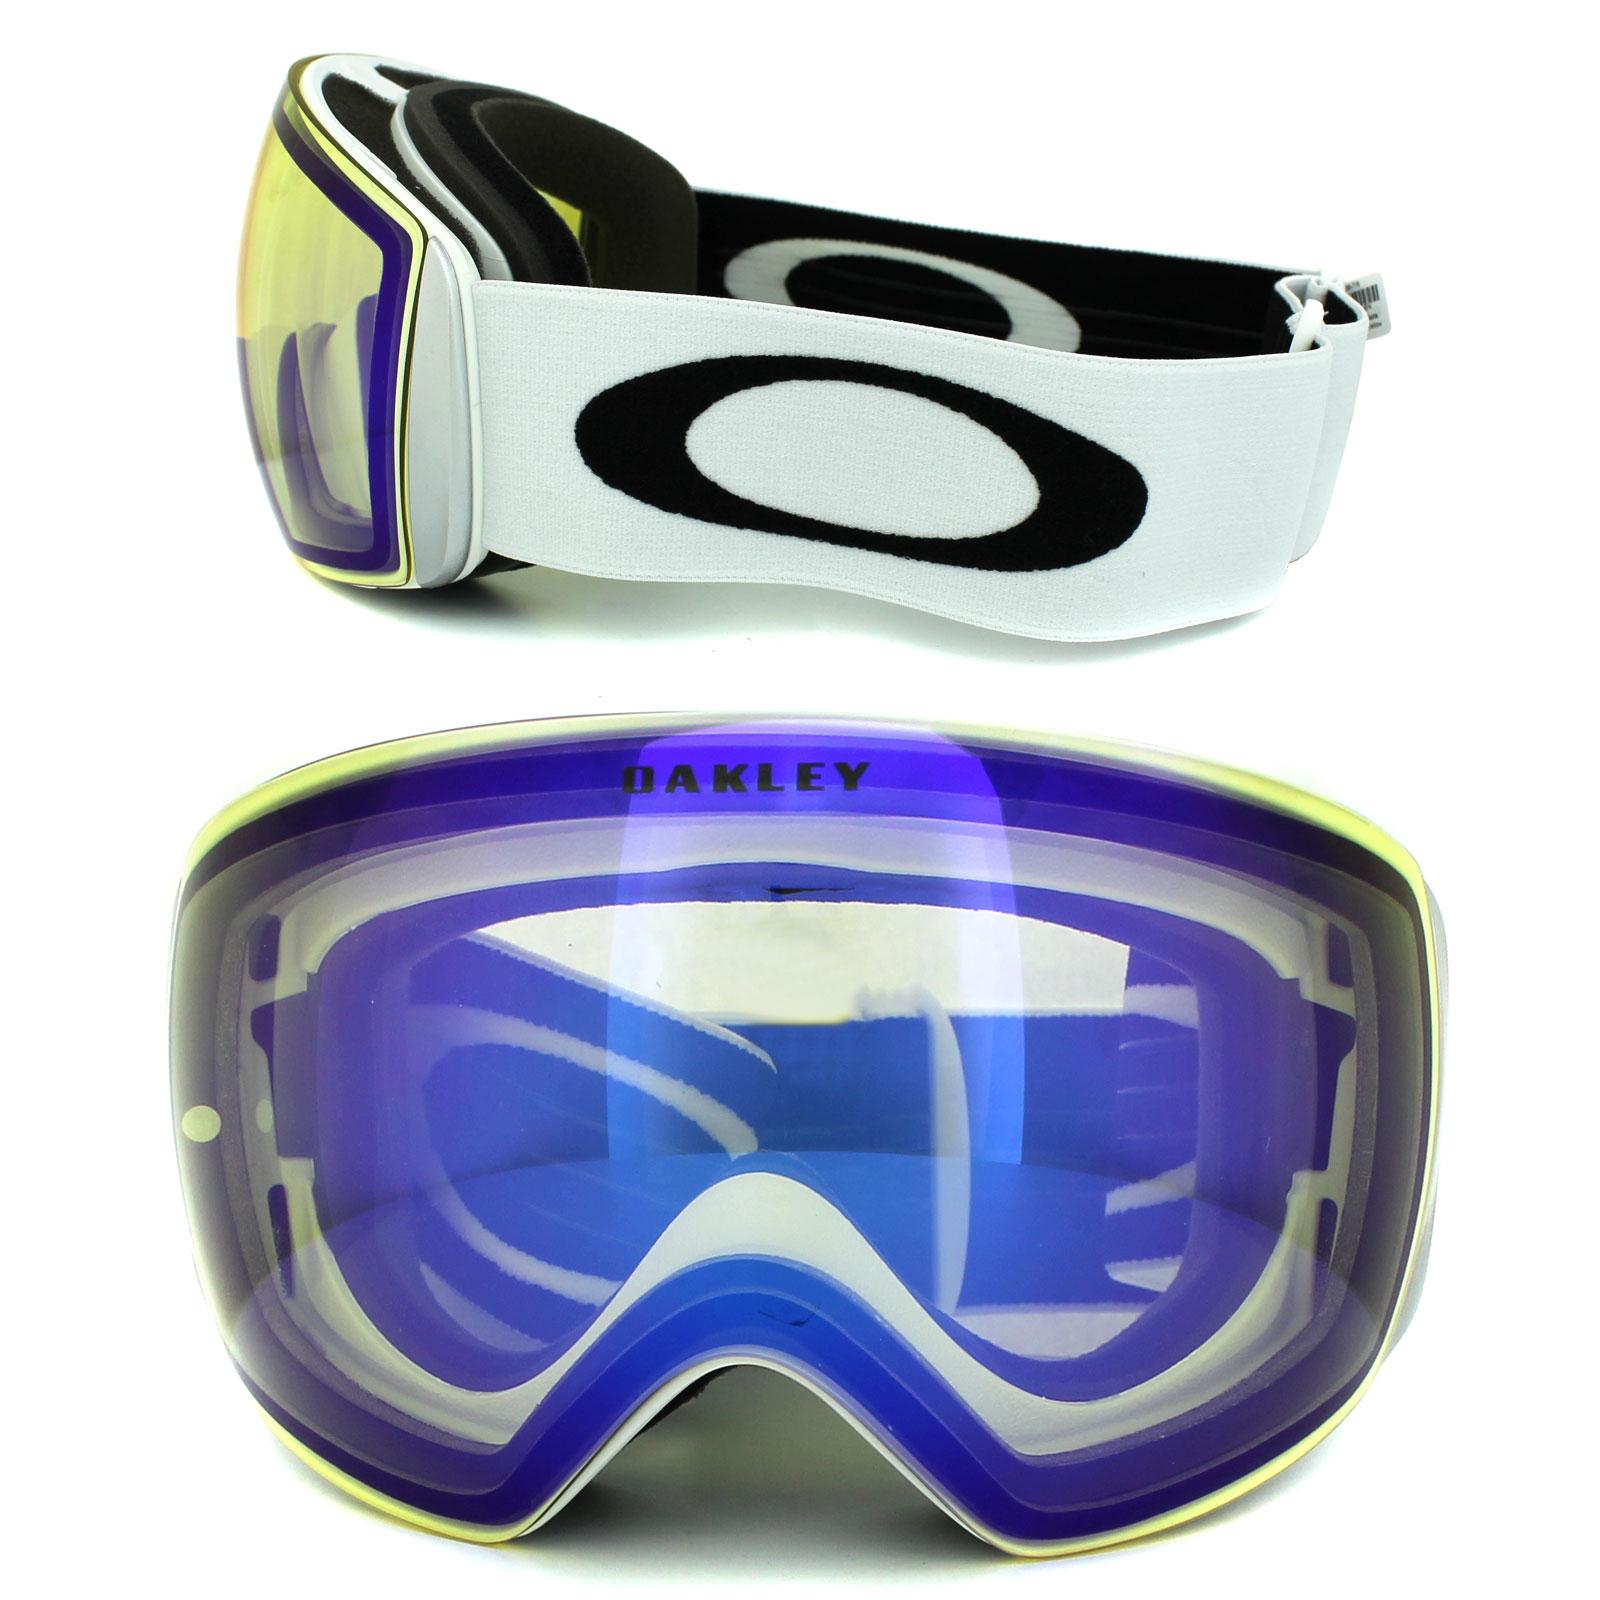 537e2d8b45 oakley flight goggles deck snow. Oakley Flight Deck Matte Black Fire  Iridescent ...